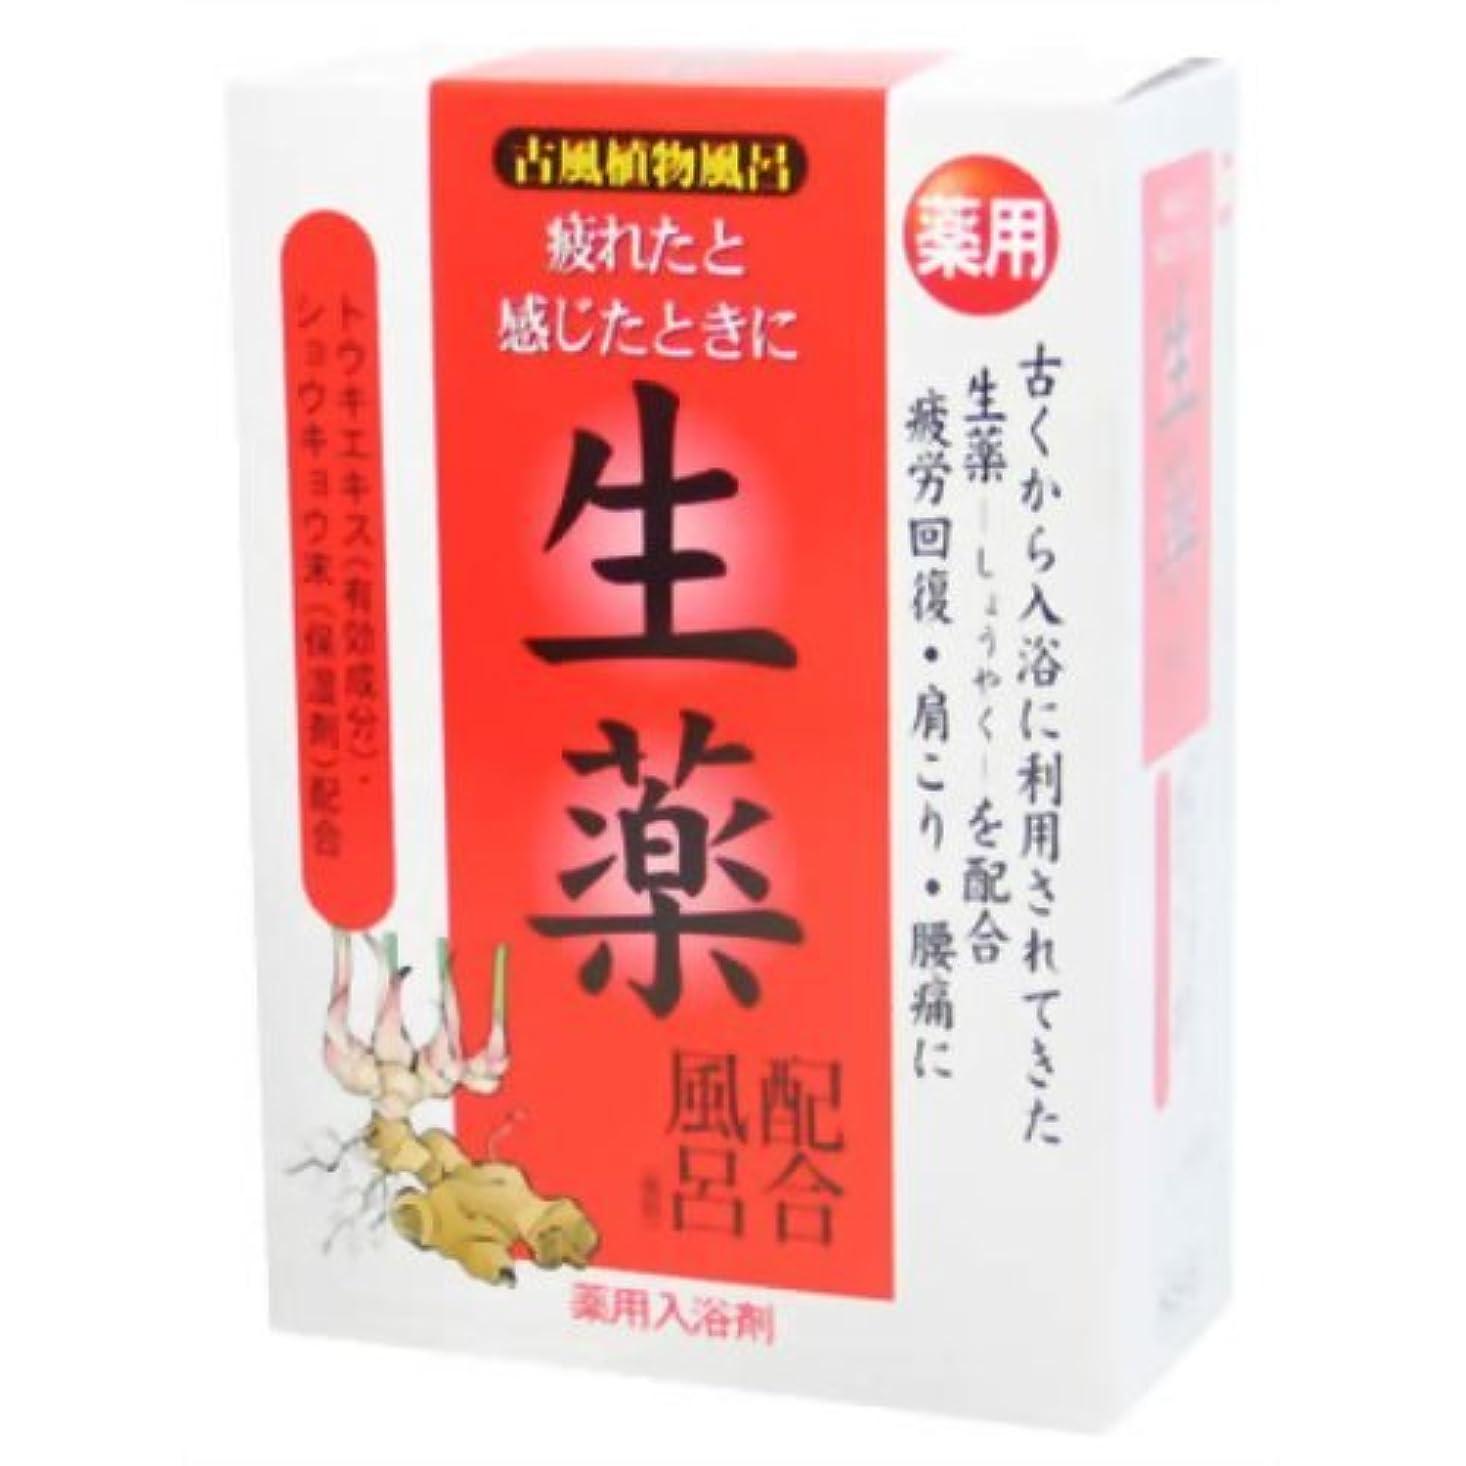 目に見える気分が良い復活させる古風植物風呂 生薬配合風呂 25g*5包(入浴剤)